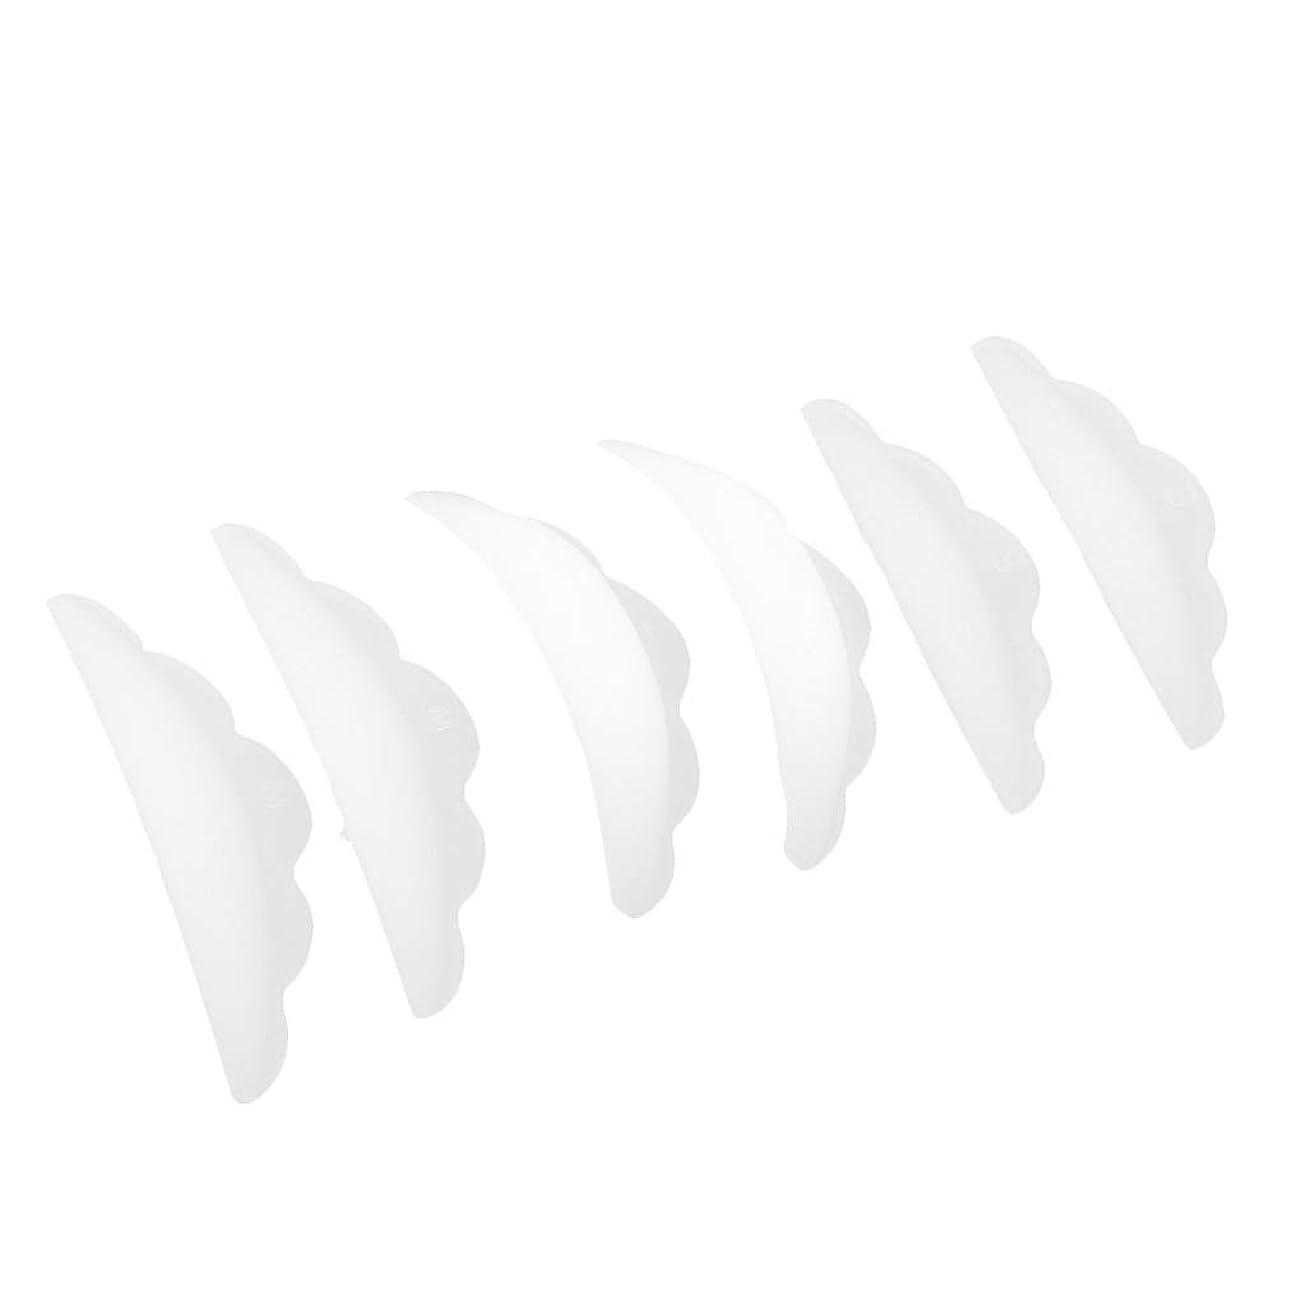 アルプス副産物兵器庫Toygogo まつげパッド まつげ パーマ シリコンパッド フェイスケアツール 柔らかく シリコン材質 3ペア入り